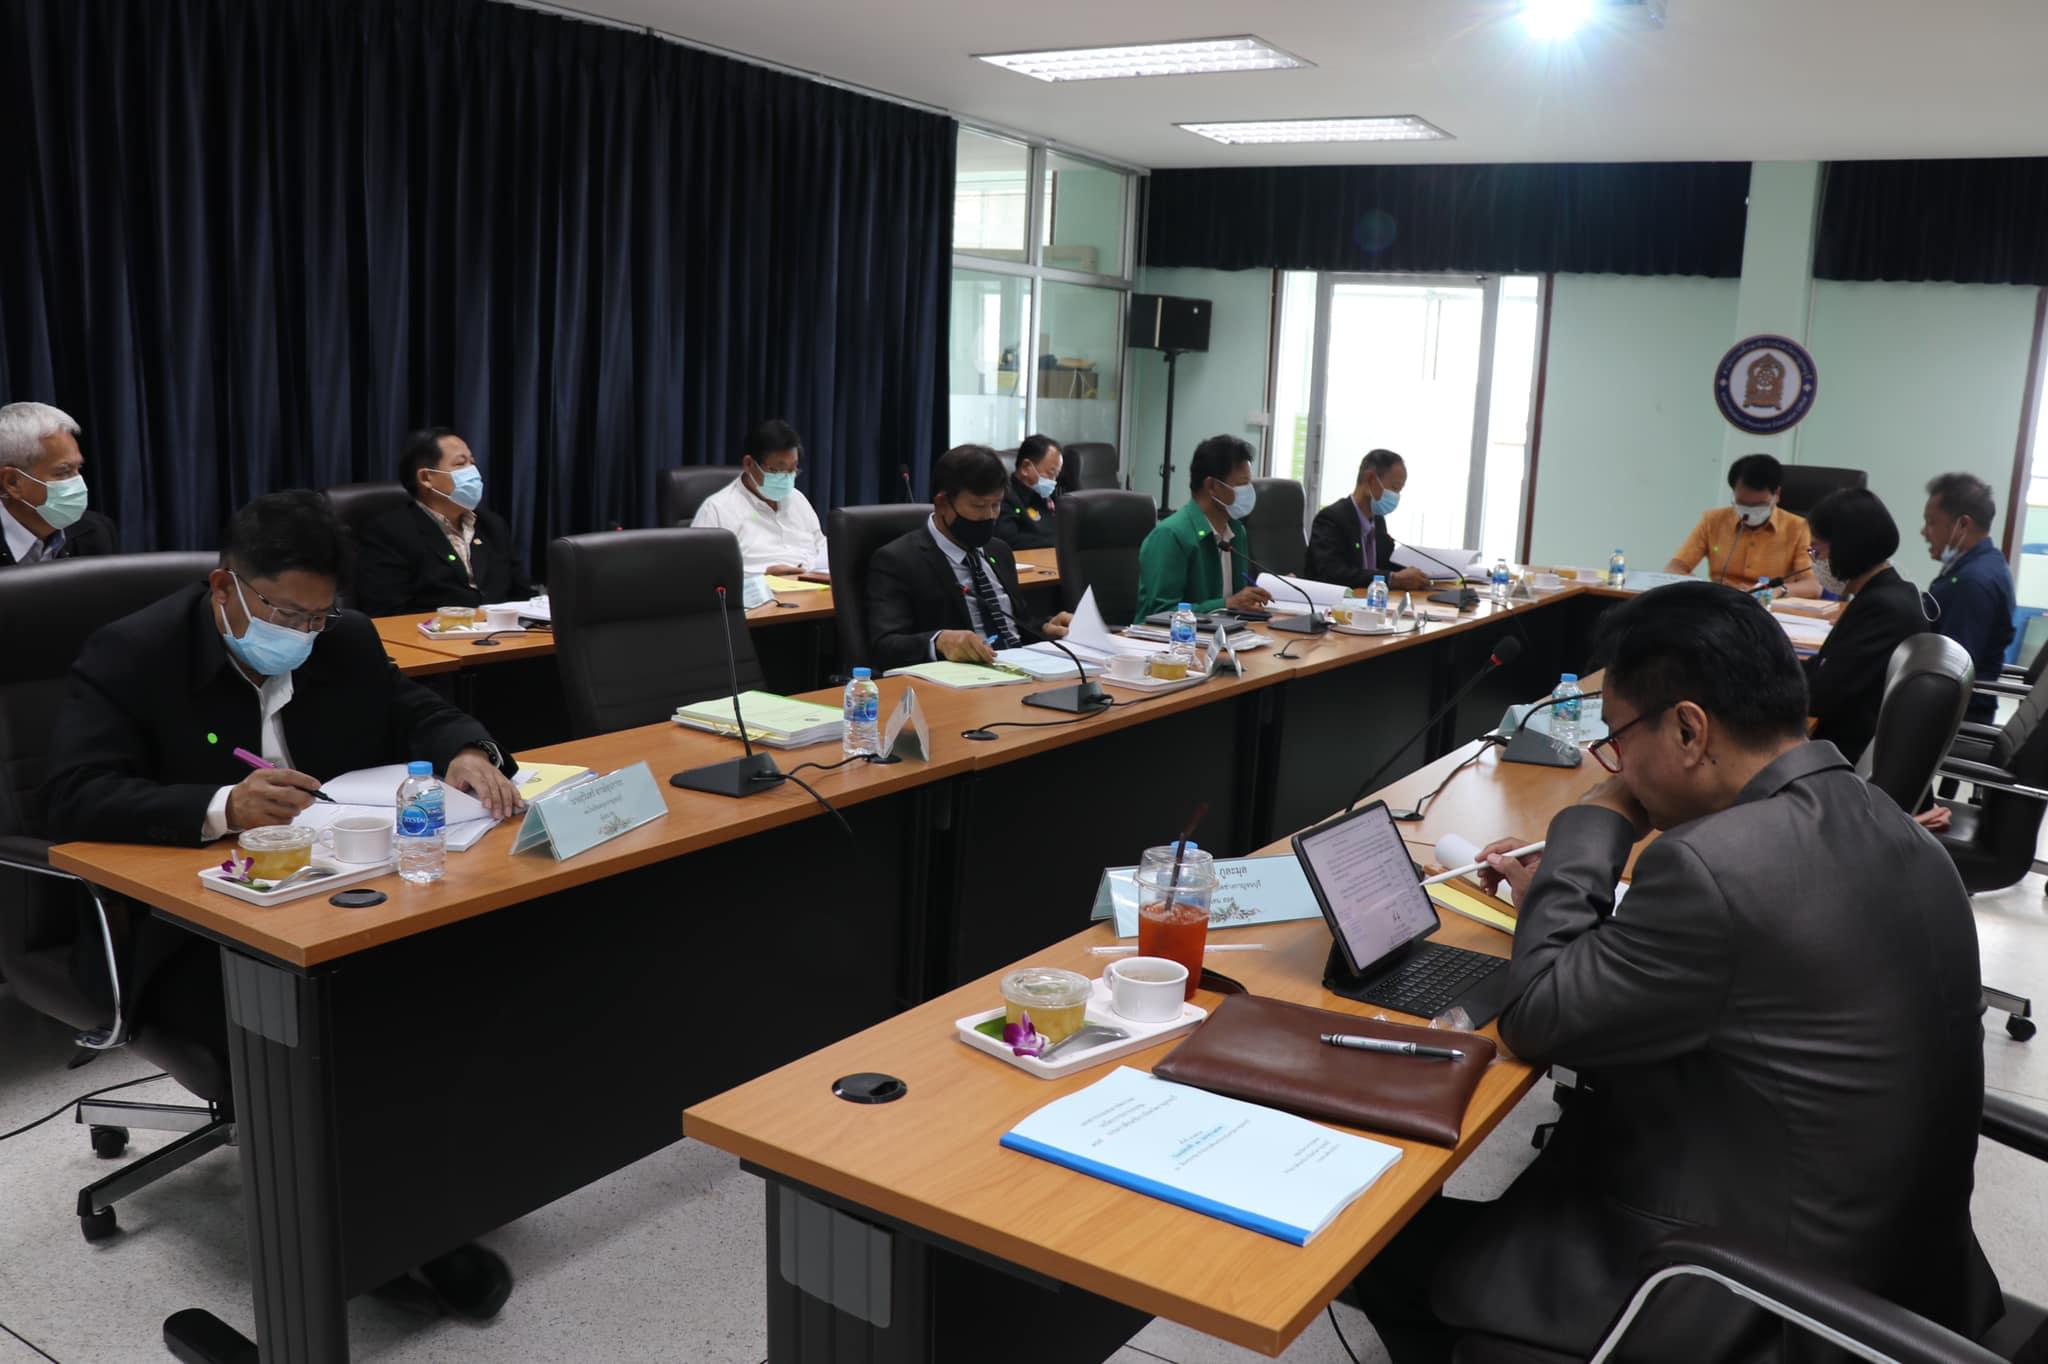 สำนักงานศึกษาธิการจังหวัดกาญจนบุรี ประชุมคณะกรรมการศึกษาธิการจังหวัดกาญจนบุรี ครั้งที่ 5/2564 ณ ห้องประชุมสำนักงานศึกษาธิการจังหวัดกาญจนบุรี อำเภอเมือง จังหวัดกาญจนบุรี